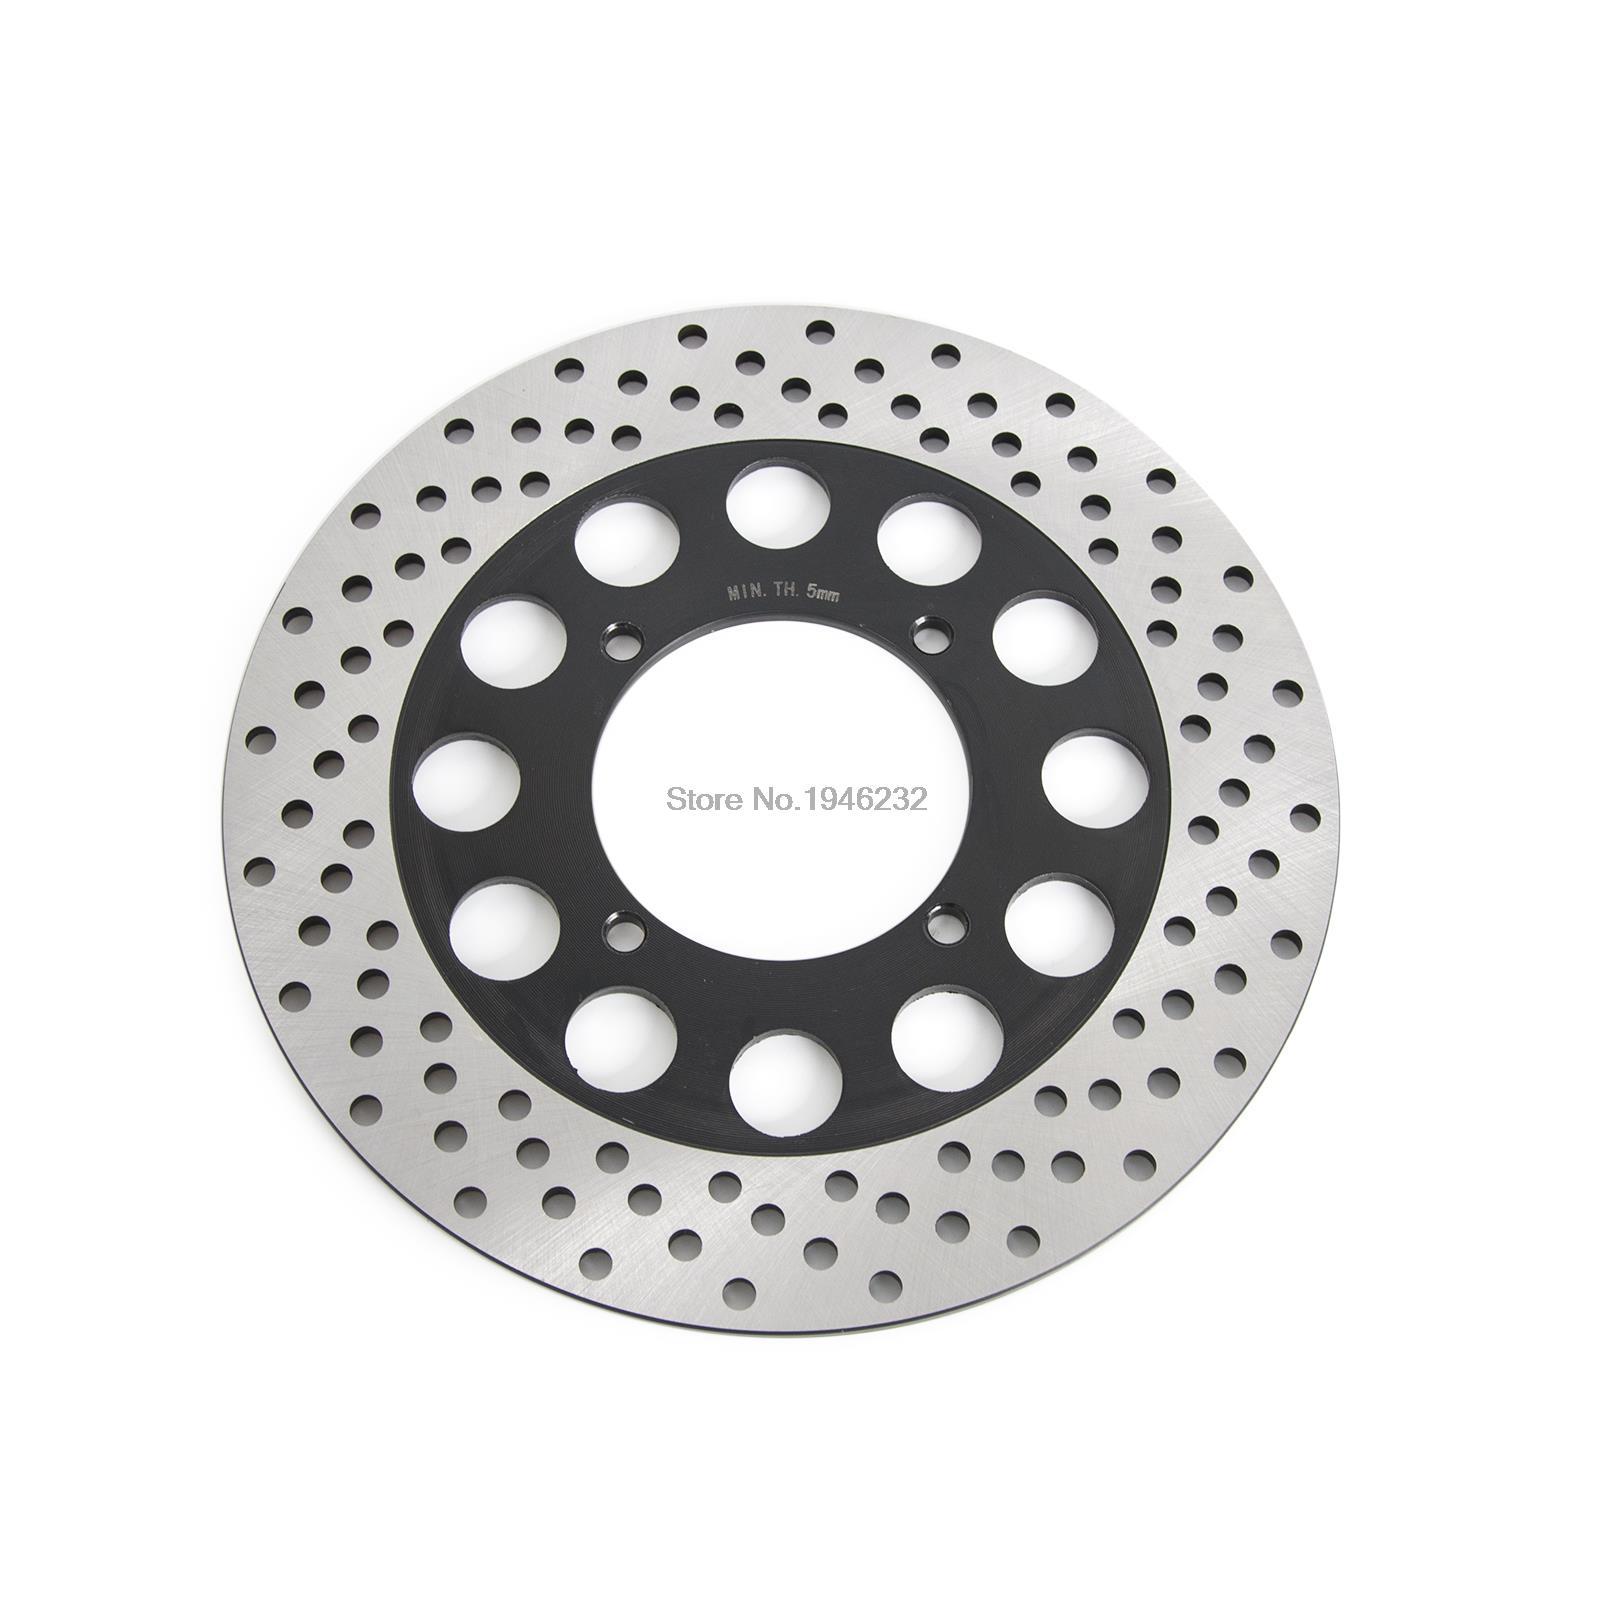 Заднего тормозного диска ротора сталь подходит для Сузуки ГСФ 250 Н/ЗМ/П/НП/ЗП/Р/Кол-92-96